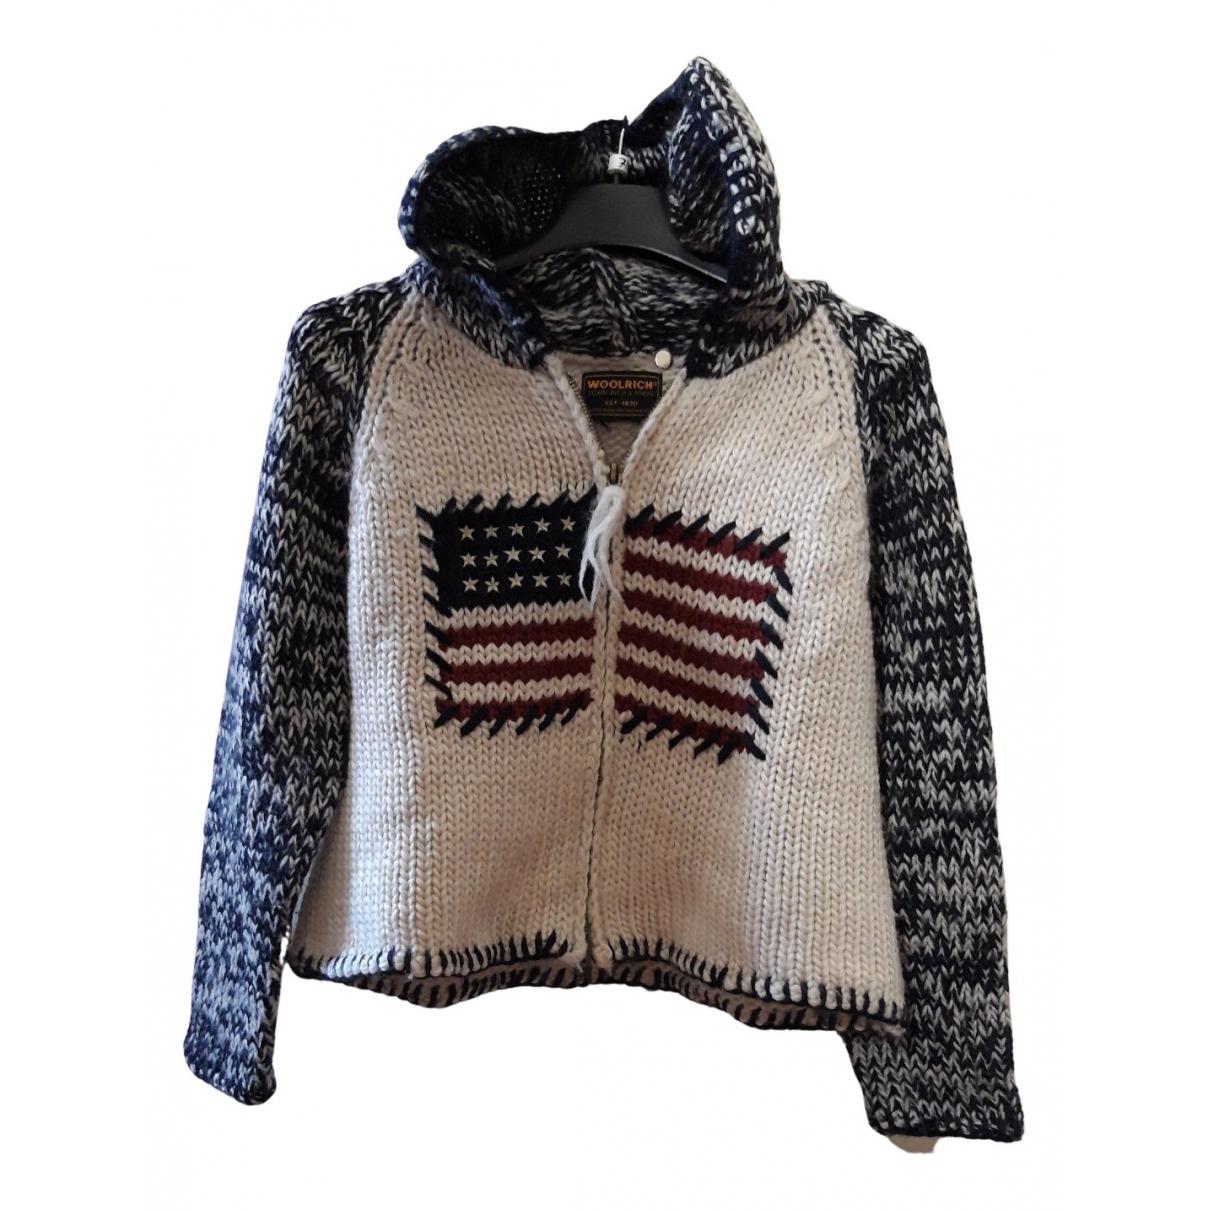 Woolrich - Pull   pour enfant en laine - beige